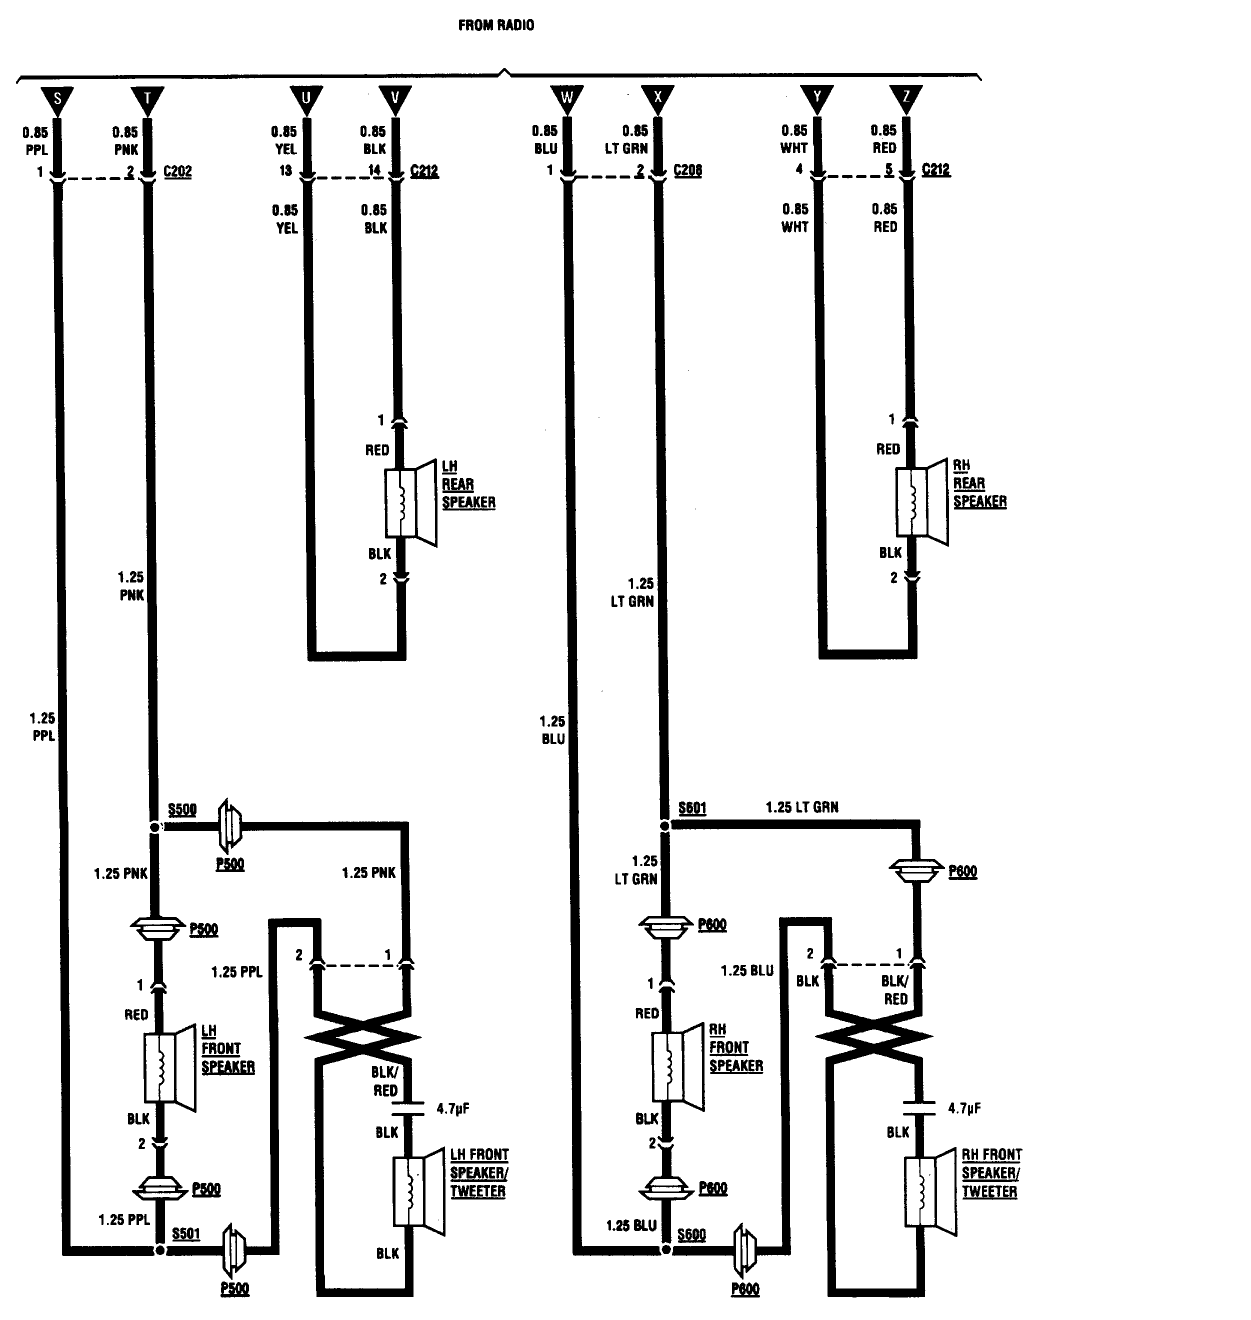 2010-08-23_001004_radio_6  Geo Metro Radio Wiring on chevy cavalier radio wiring, suzuki esteem radio wiring, buick rendezvous radio wiring, dodge neon radio wiring, jeep cj7 radio wiring, mitsubishi mirage radio wiring, honda civic radio wiring, chevy traverse radio wiring, hyundai accent radio wiring, smart fortwo radio wiring, chevy cruze radio wiring, buick century radio wiring, pontiac aztek radio wiring, suzuki vitara radio wiring,